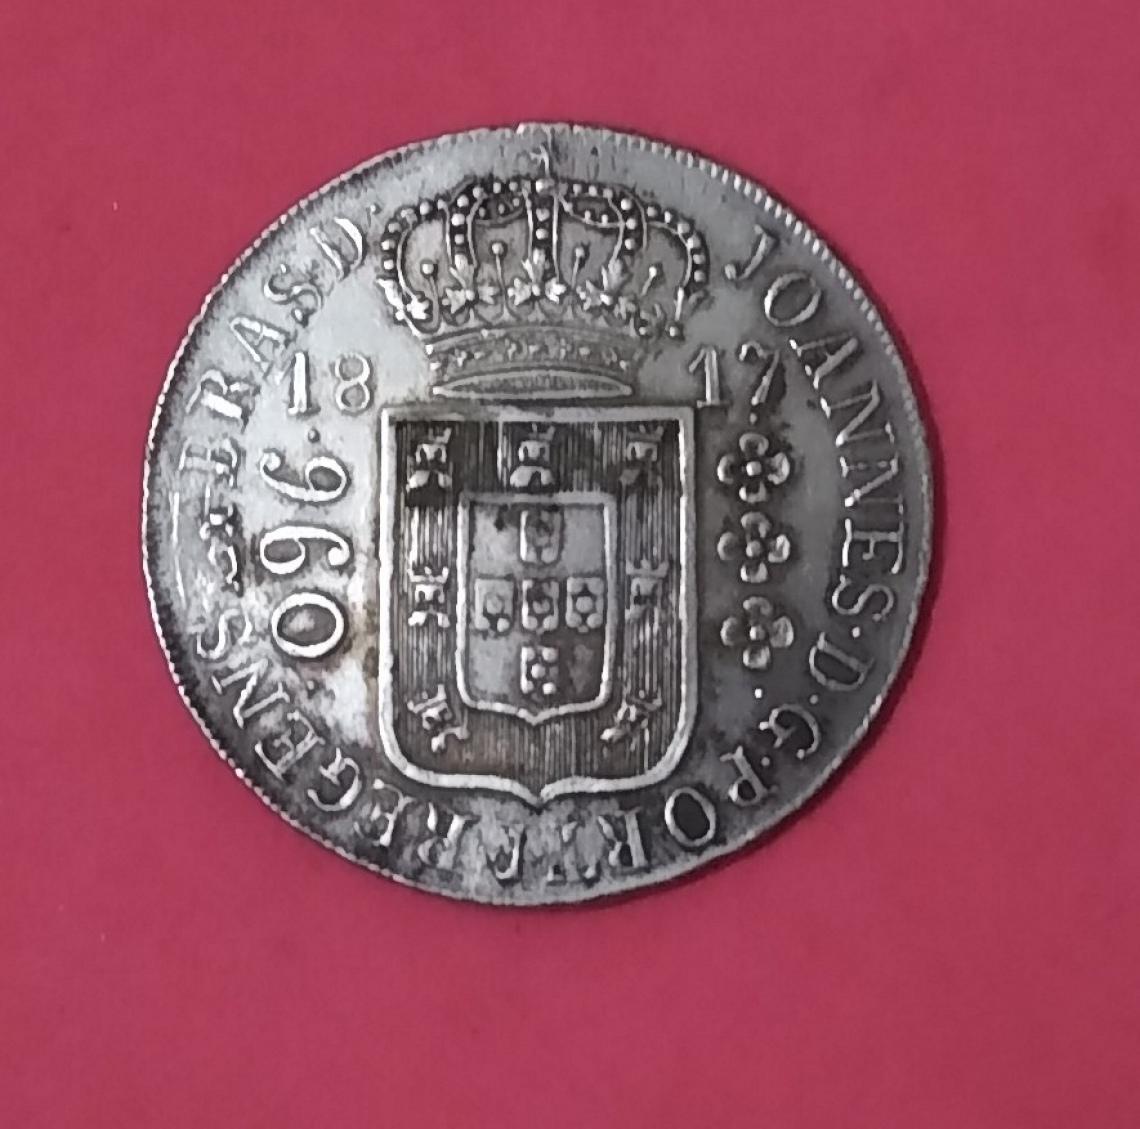 TUDOR- Antiguidades, colecões, numismática, Livros, Postais,Filatelia,Revistas,cartofilia, brinquedo